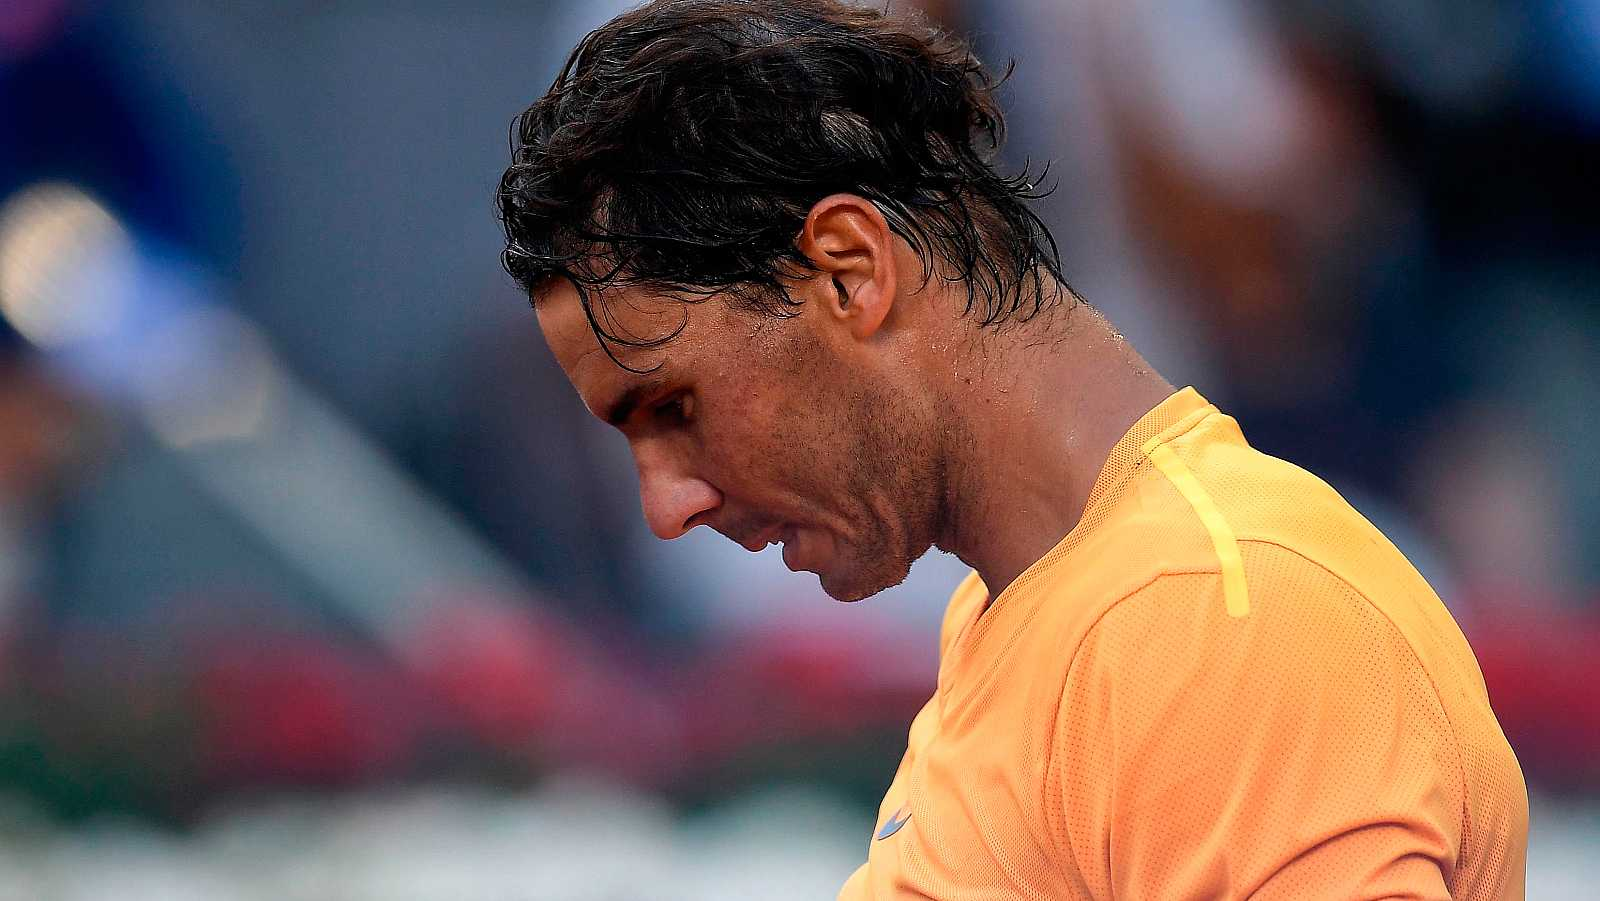 """Rafa Nadal ha admitido que no ha jugado bien en su partido contra Dominic Thiem, en el que ha caído eliminado del Mutua Madrid Open 2018. """"Ha sido mejor que yo, no hay que darle más vueltas"""", reconoció en rueda de prensa."""